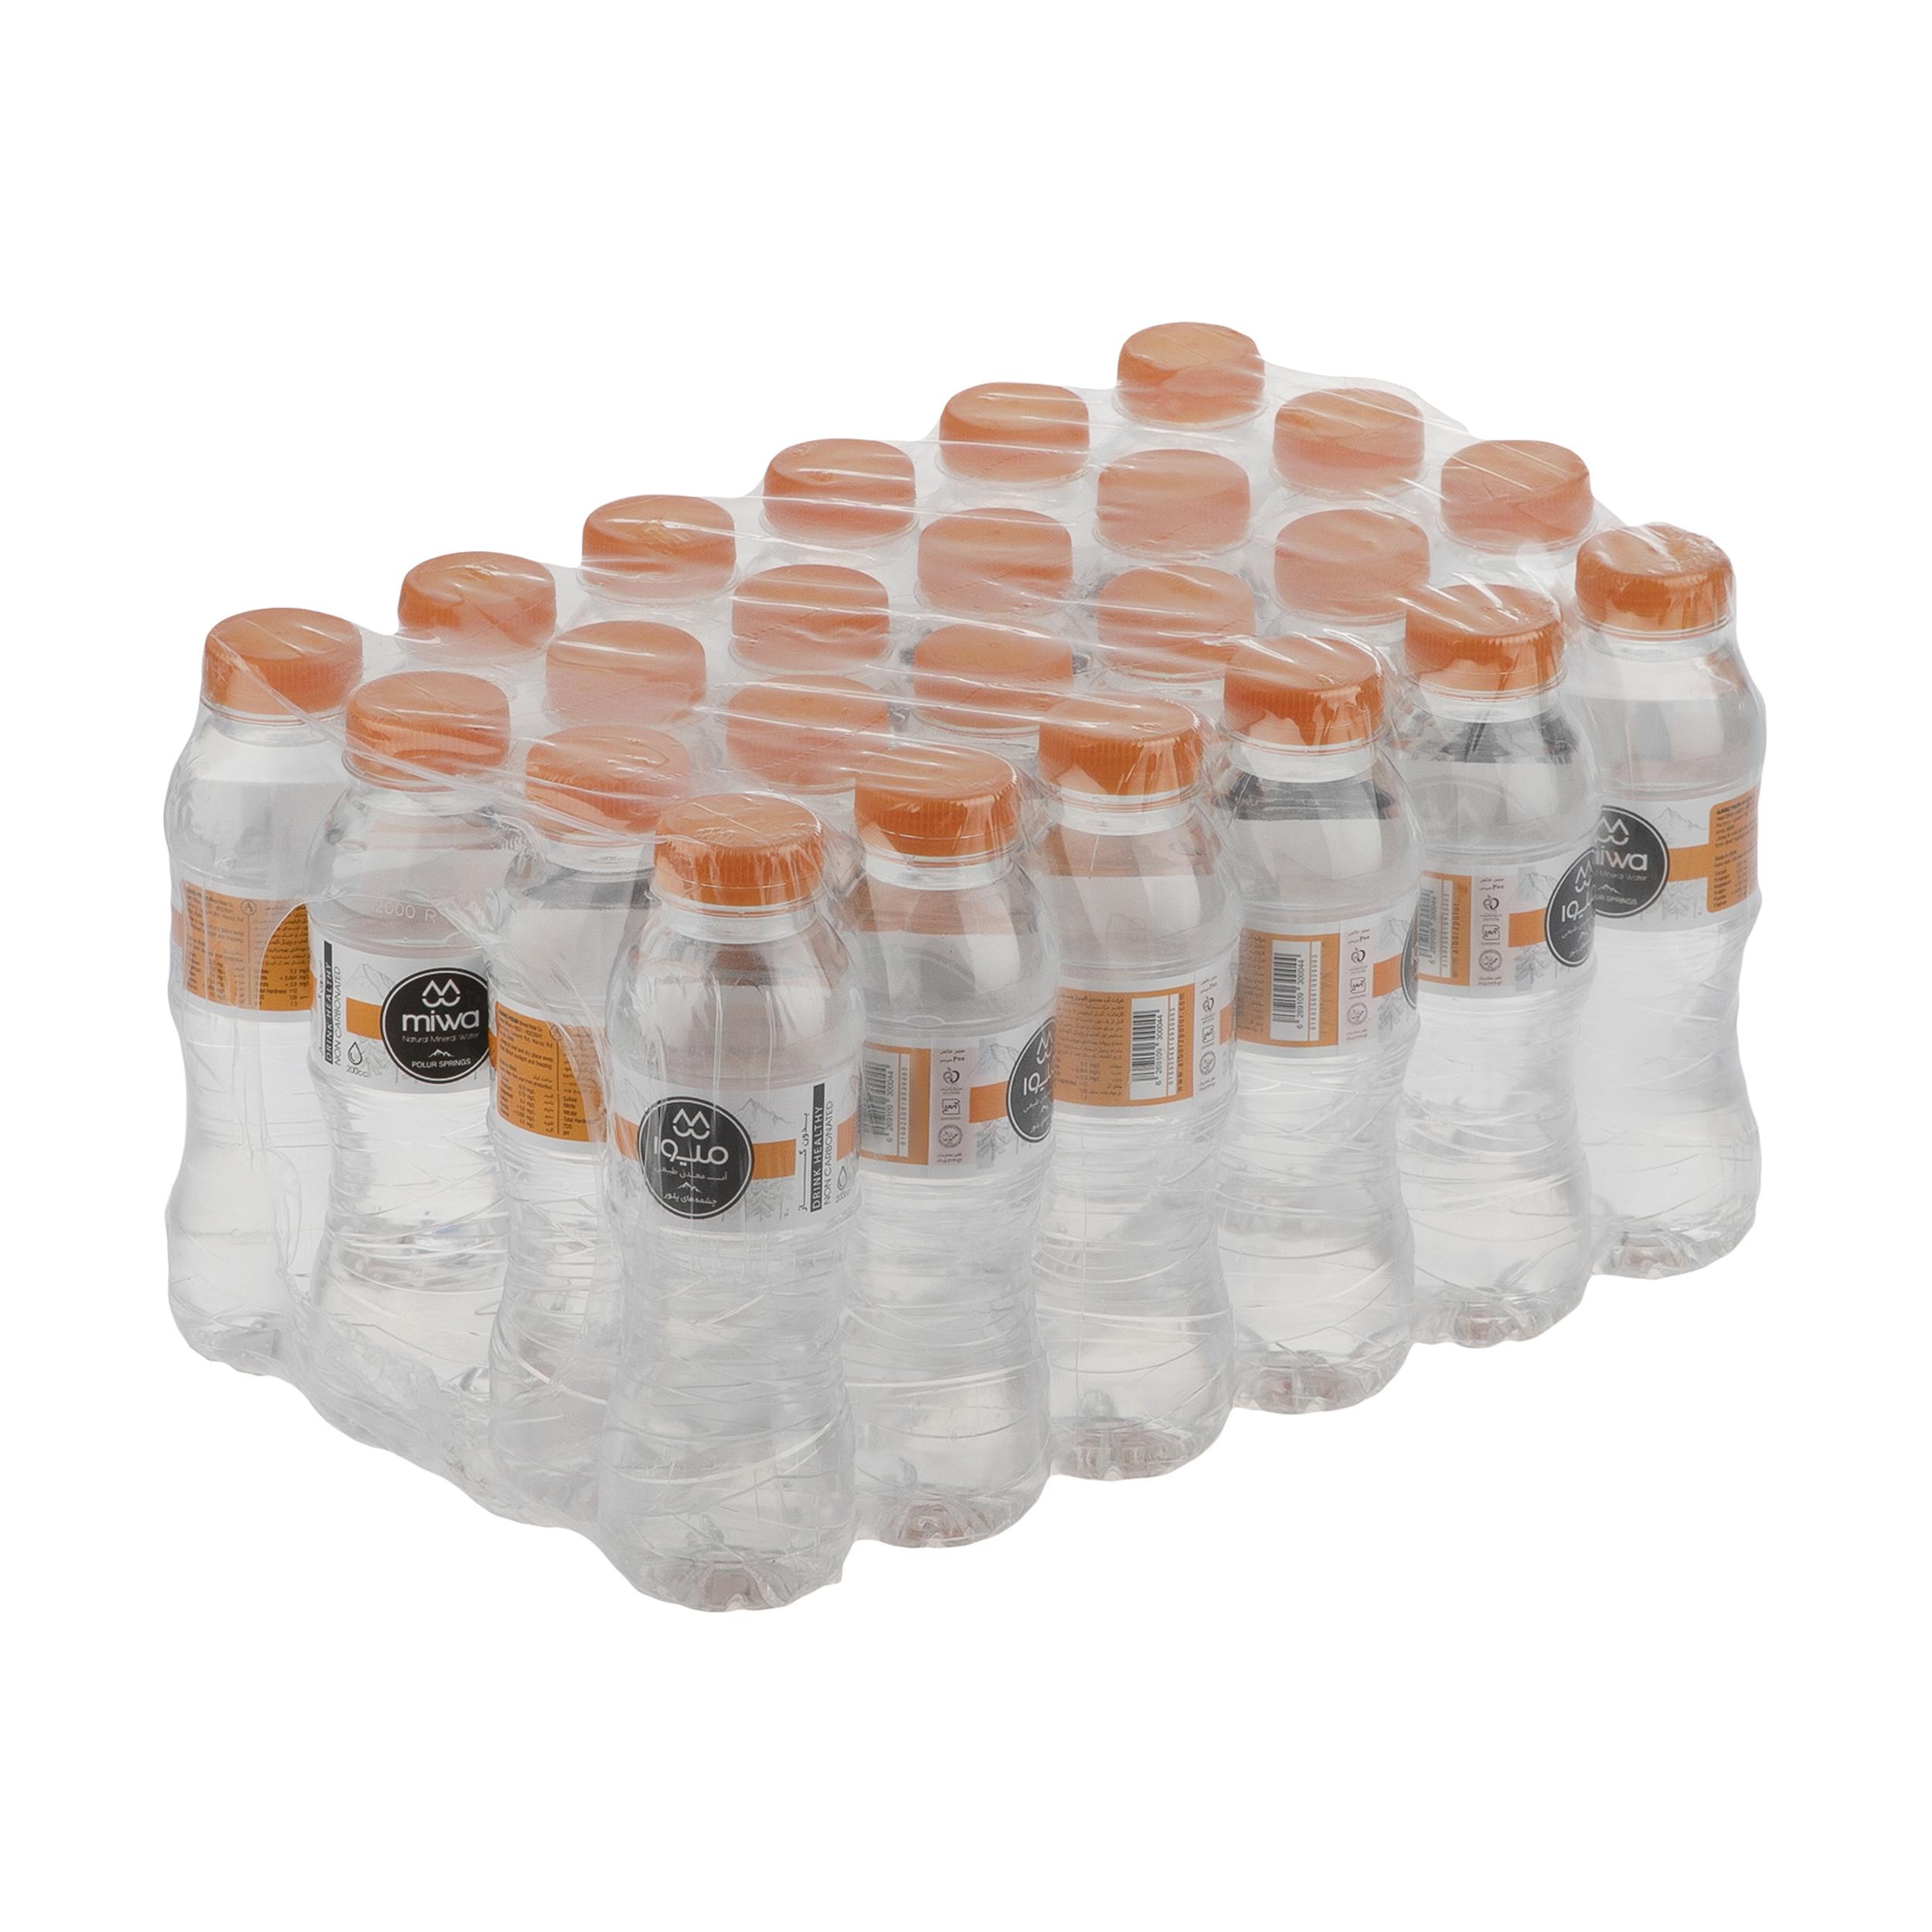 آب معدنی میوا - 200  میلی لیتر بسته 24 عددی